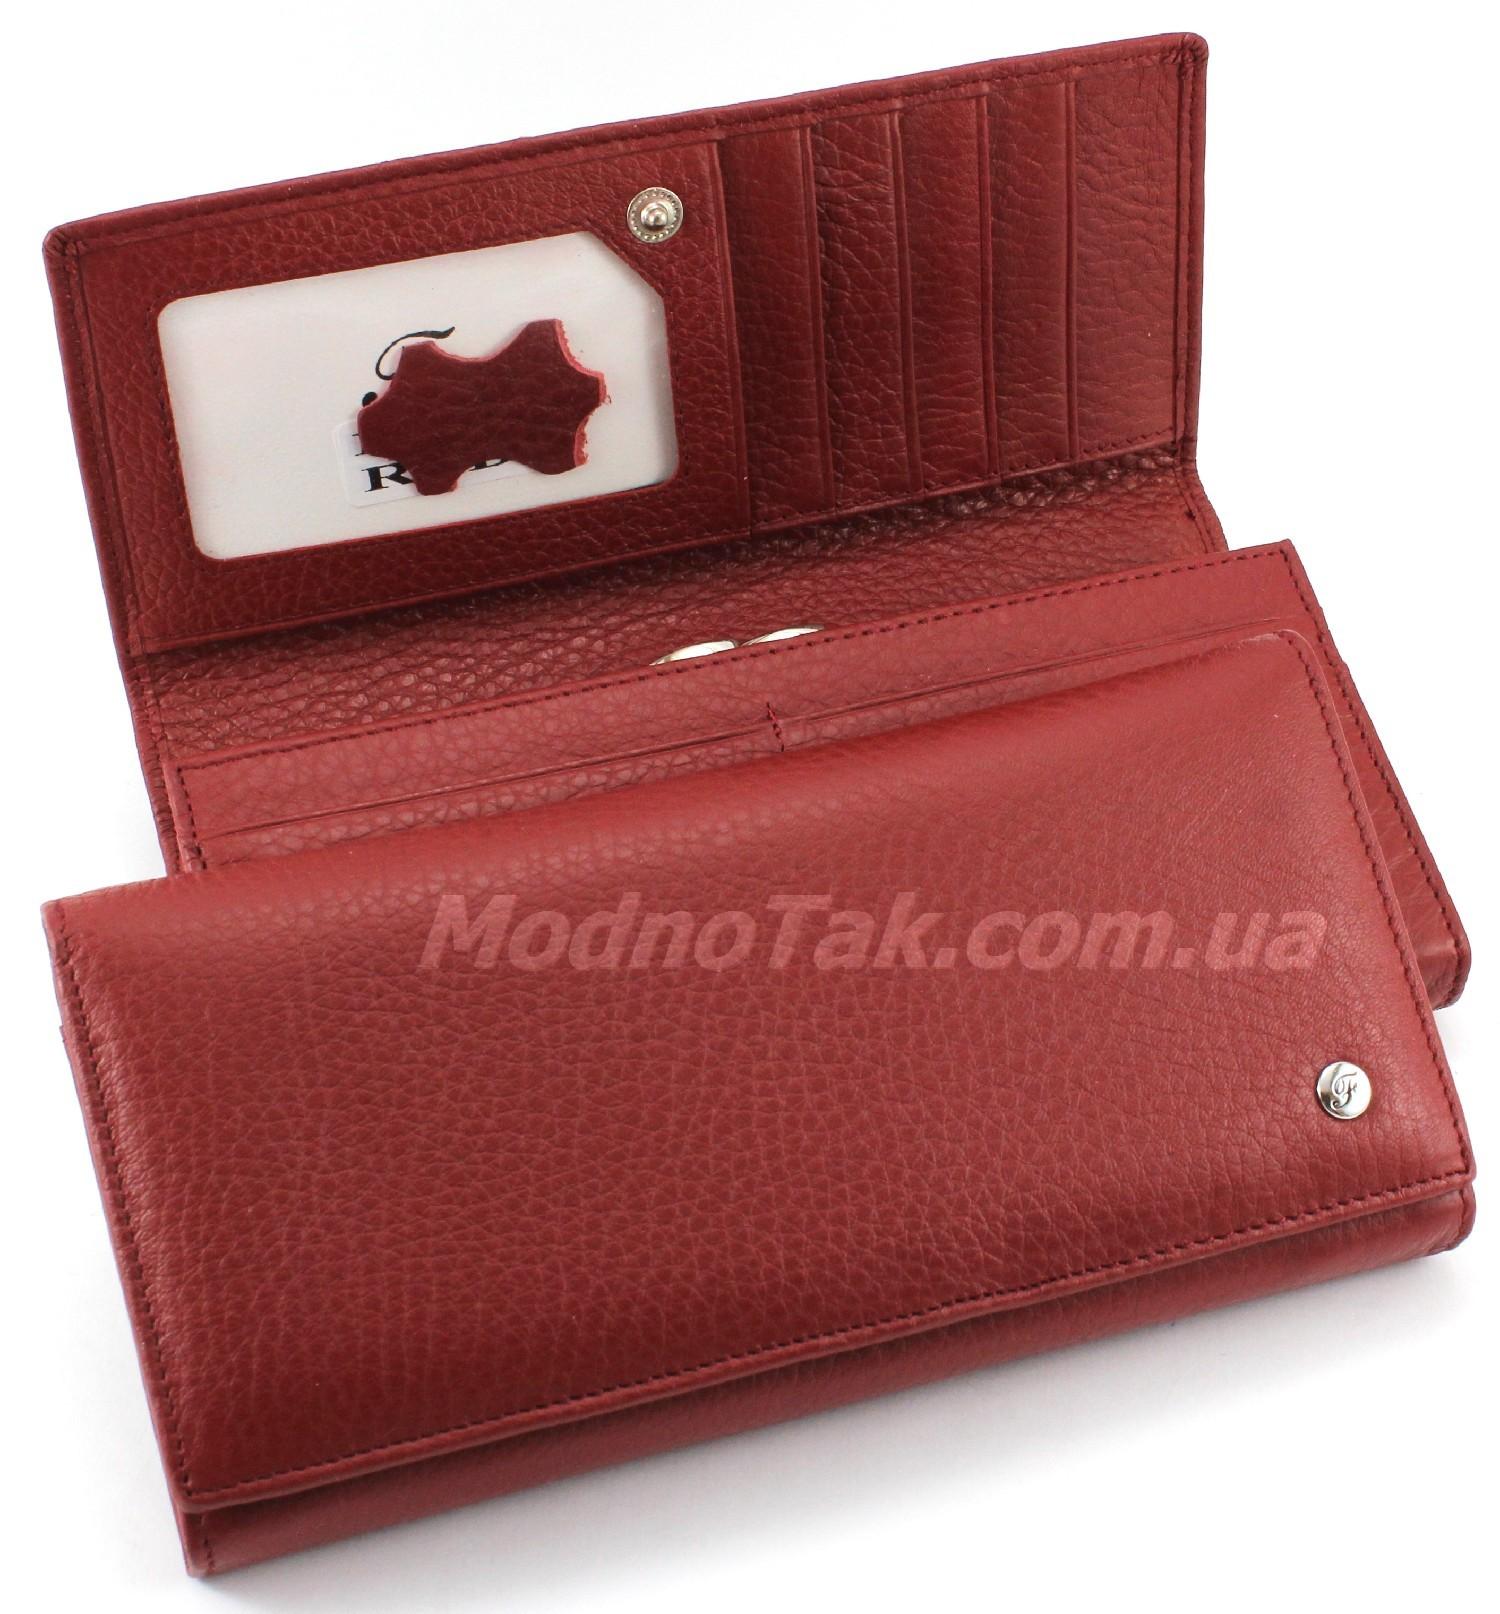 51f0f839201c Женские кожаные кошельки с монетницей «поцелуйчик» -- купить ...